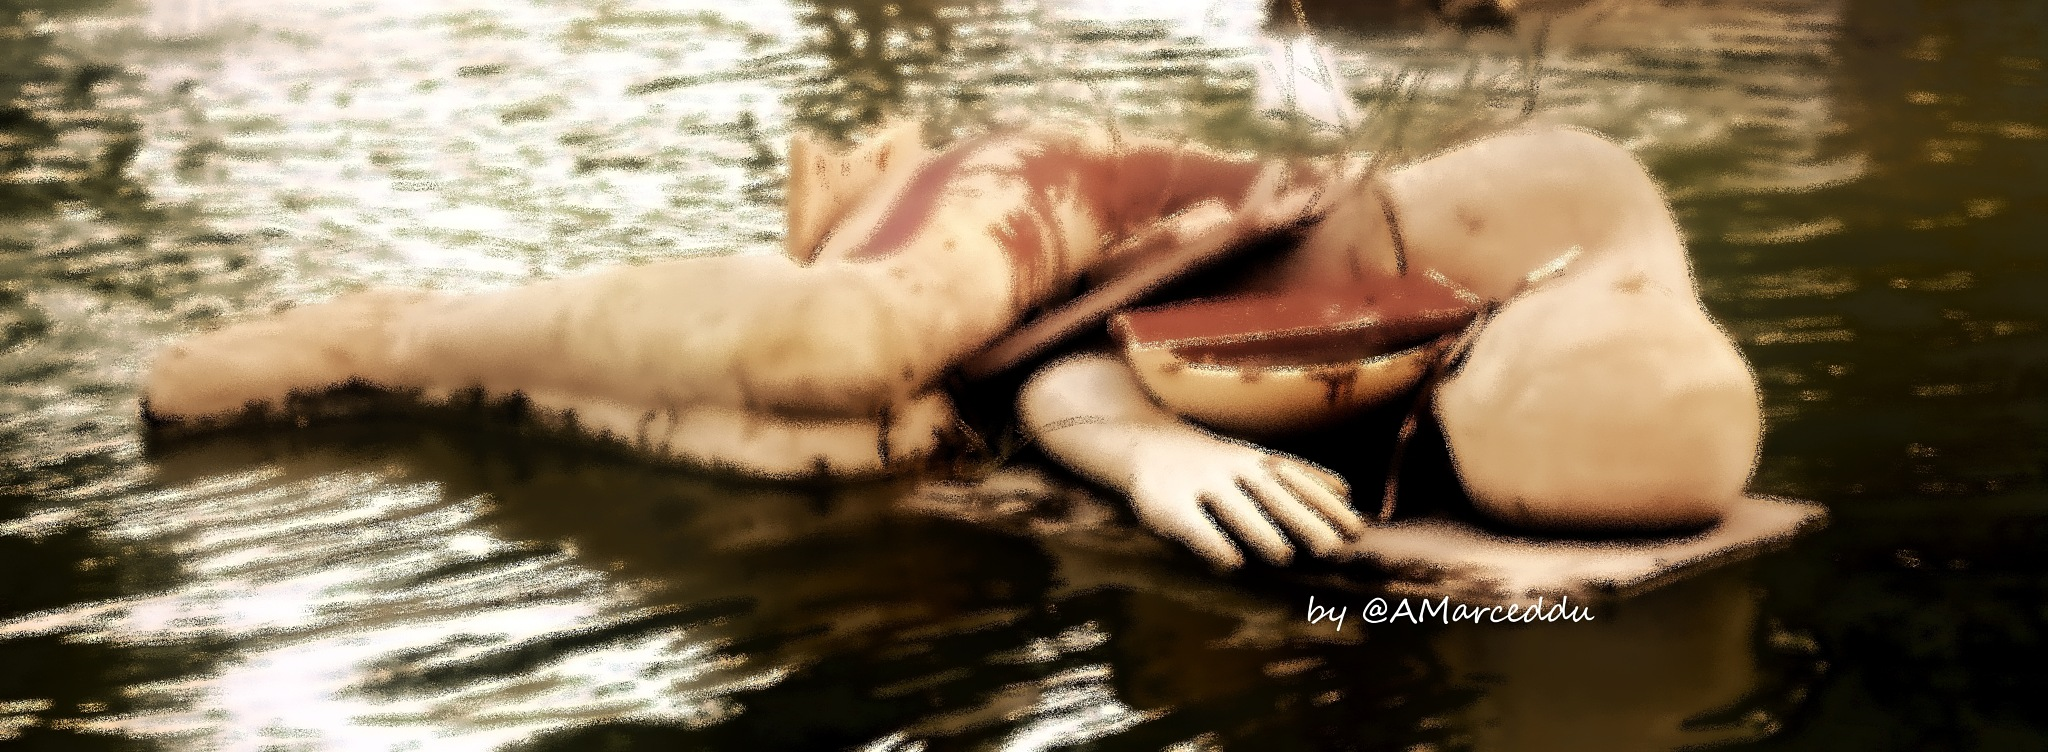 The dreamer by Antonello Marceddu